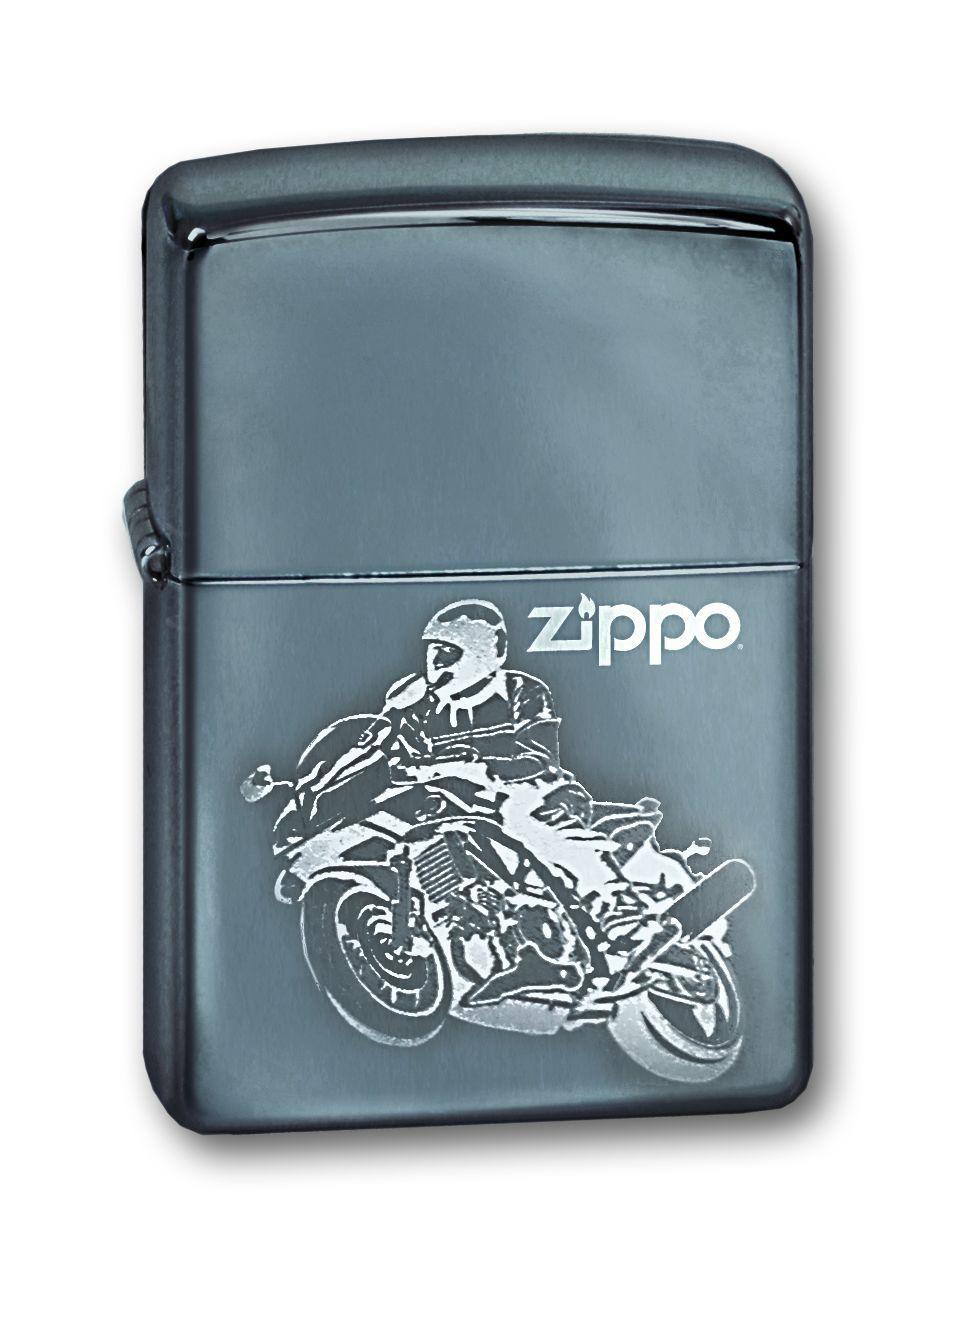 Зажигалка ZIPPO Moto High Polish Chrome, латунь с никеле-хром. покрыт., серебр., глянц., 36х56х12 ммЗажигалки Zippo<br>Зажигалка ZIPPO Moto High Polish Chrome, латунь с никеле-хромовым покрытытием, серебряный, глянцевая, 36х56х12 мм<br>